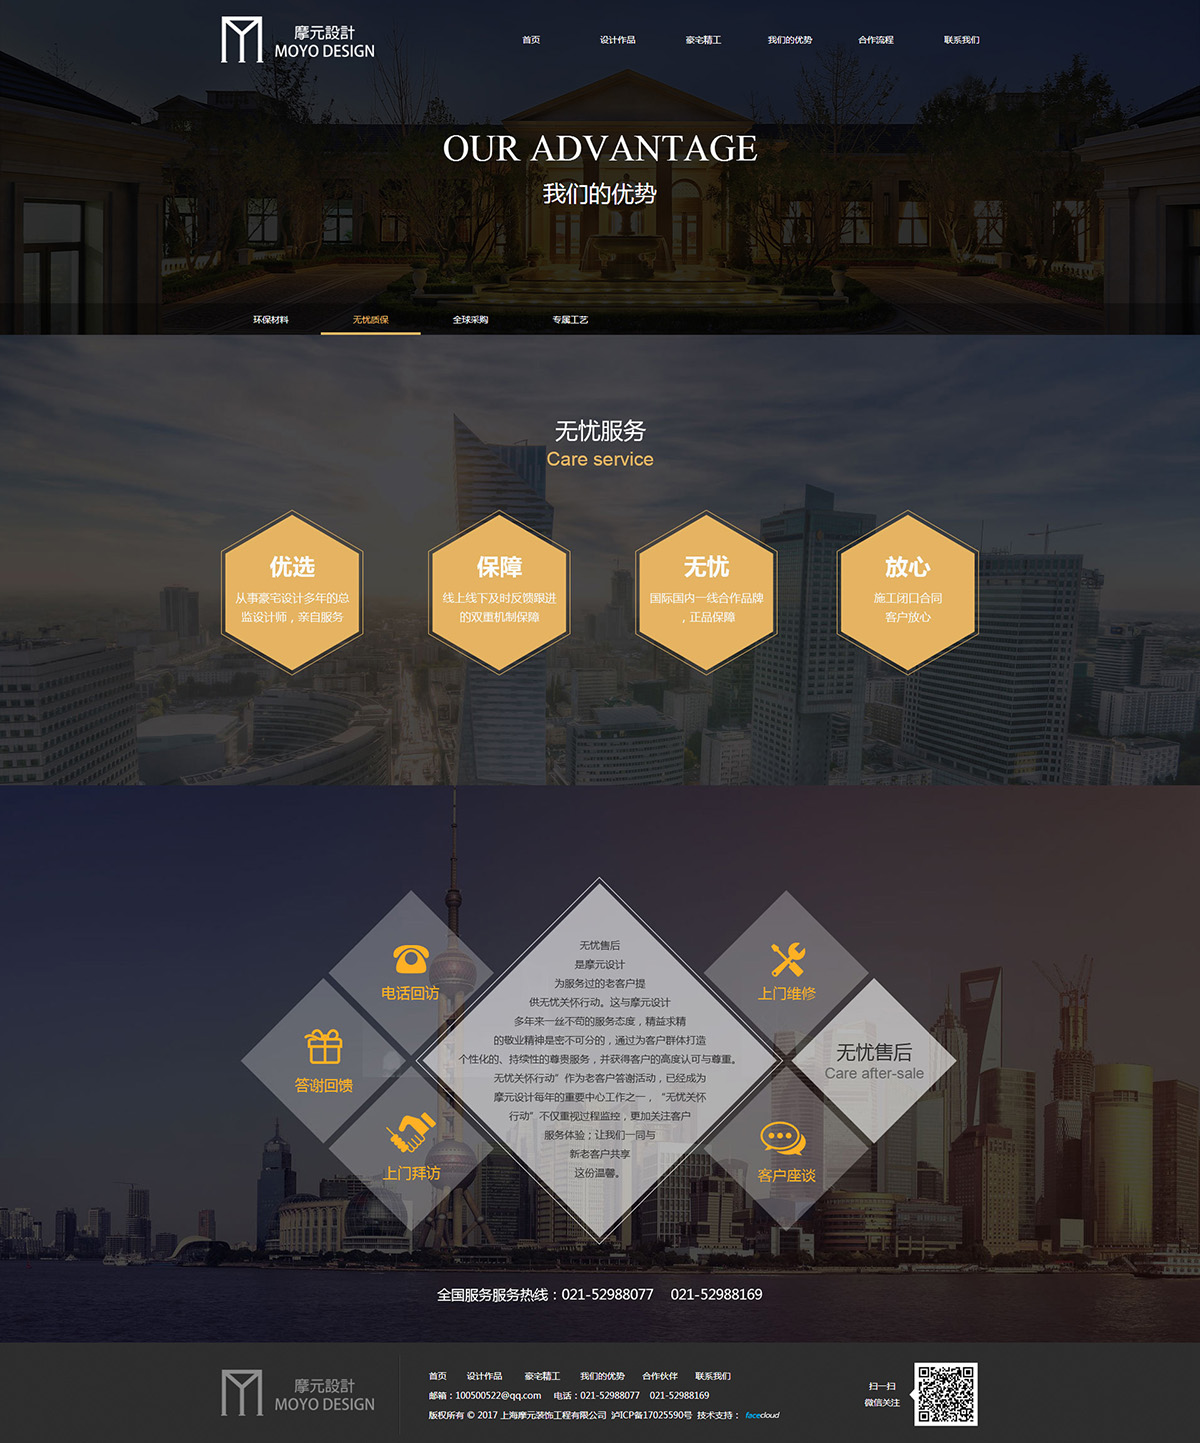 上海摩元装饰工程有限公司_内页